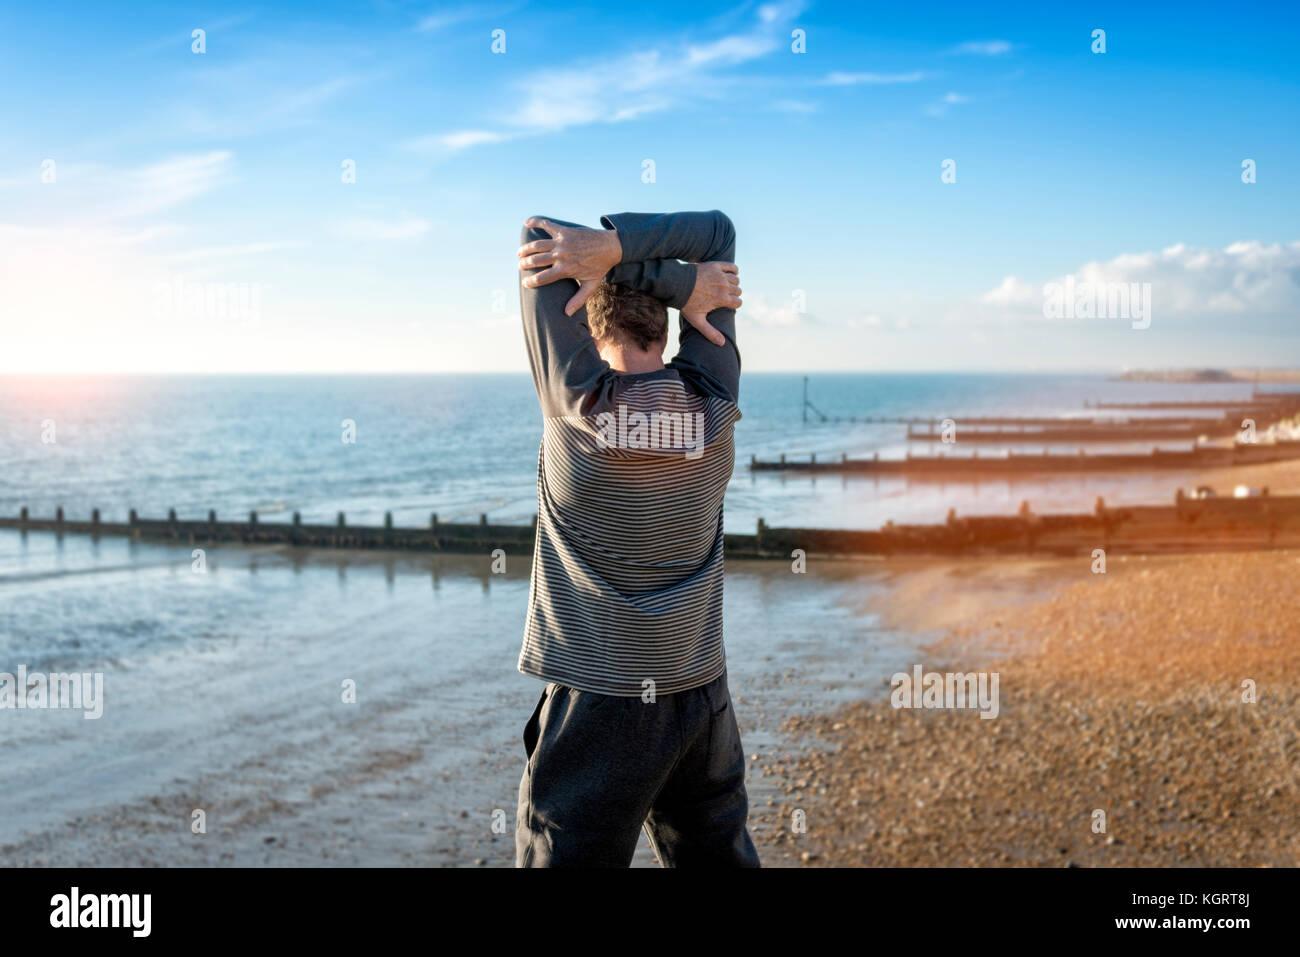 Hombre estiramiento por el mar, el calentamiento antes del ejercicio. Imagen De Stock